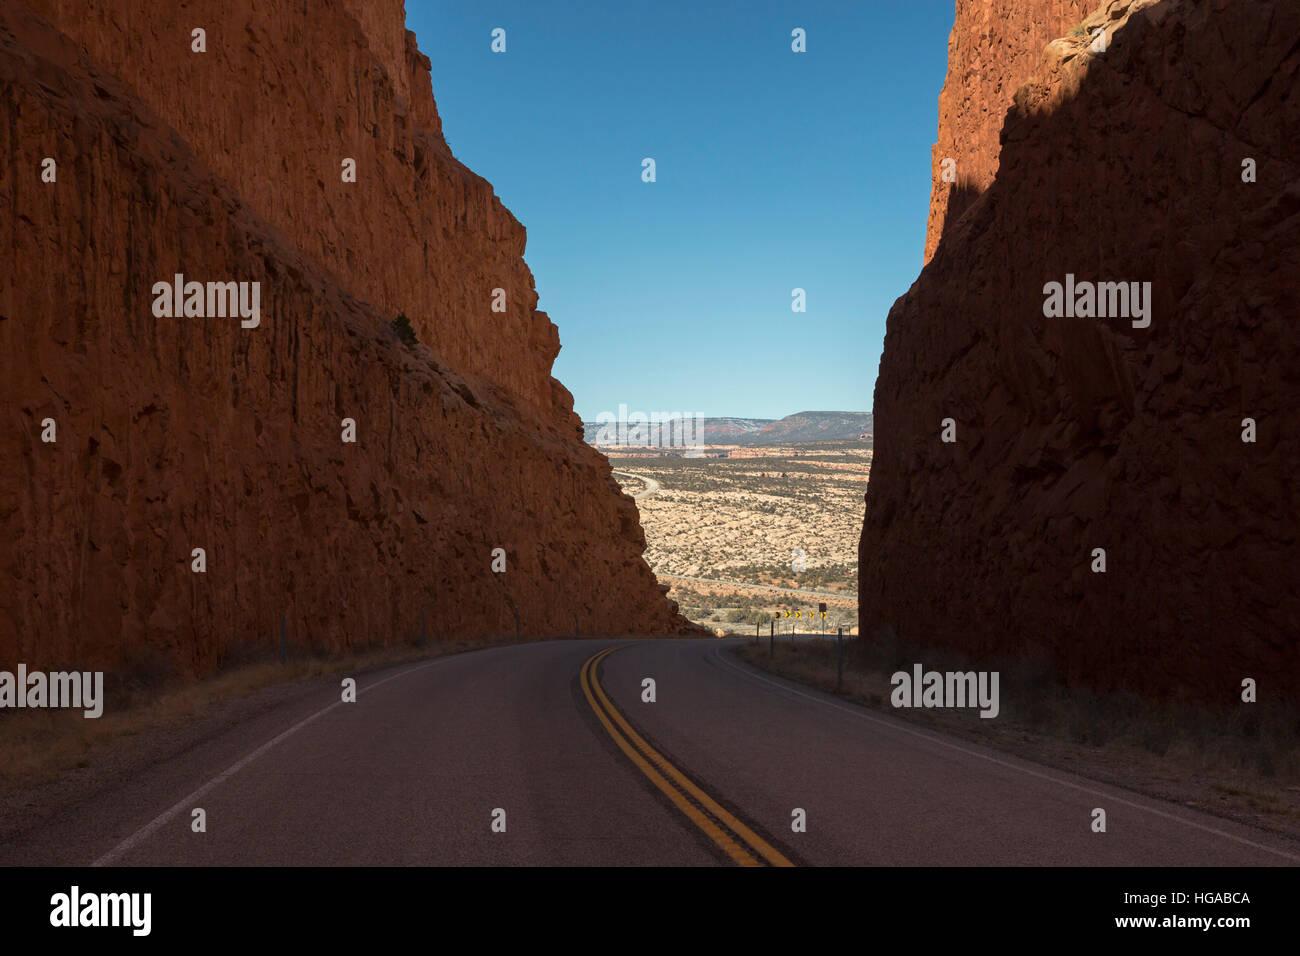 Blanding, Utah - Utah Highway 95 slices through Comb Ridge in Bears Ears National Monument. The ridge was a huge - Stock Image